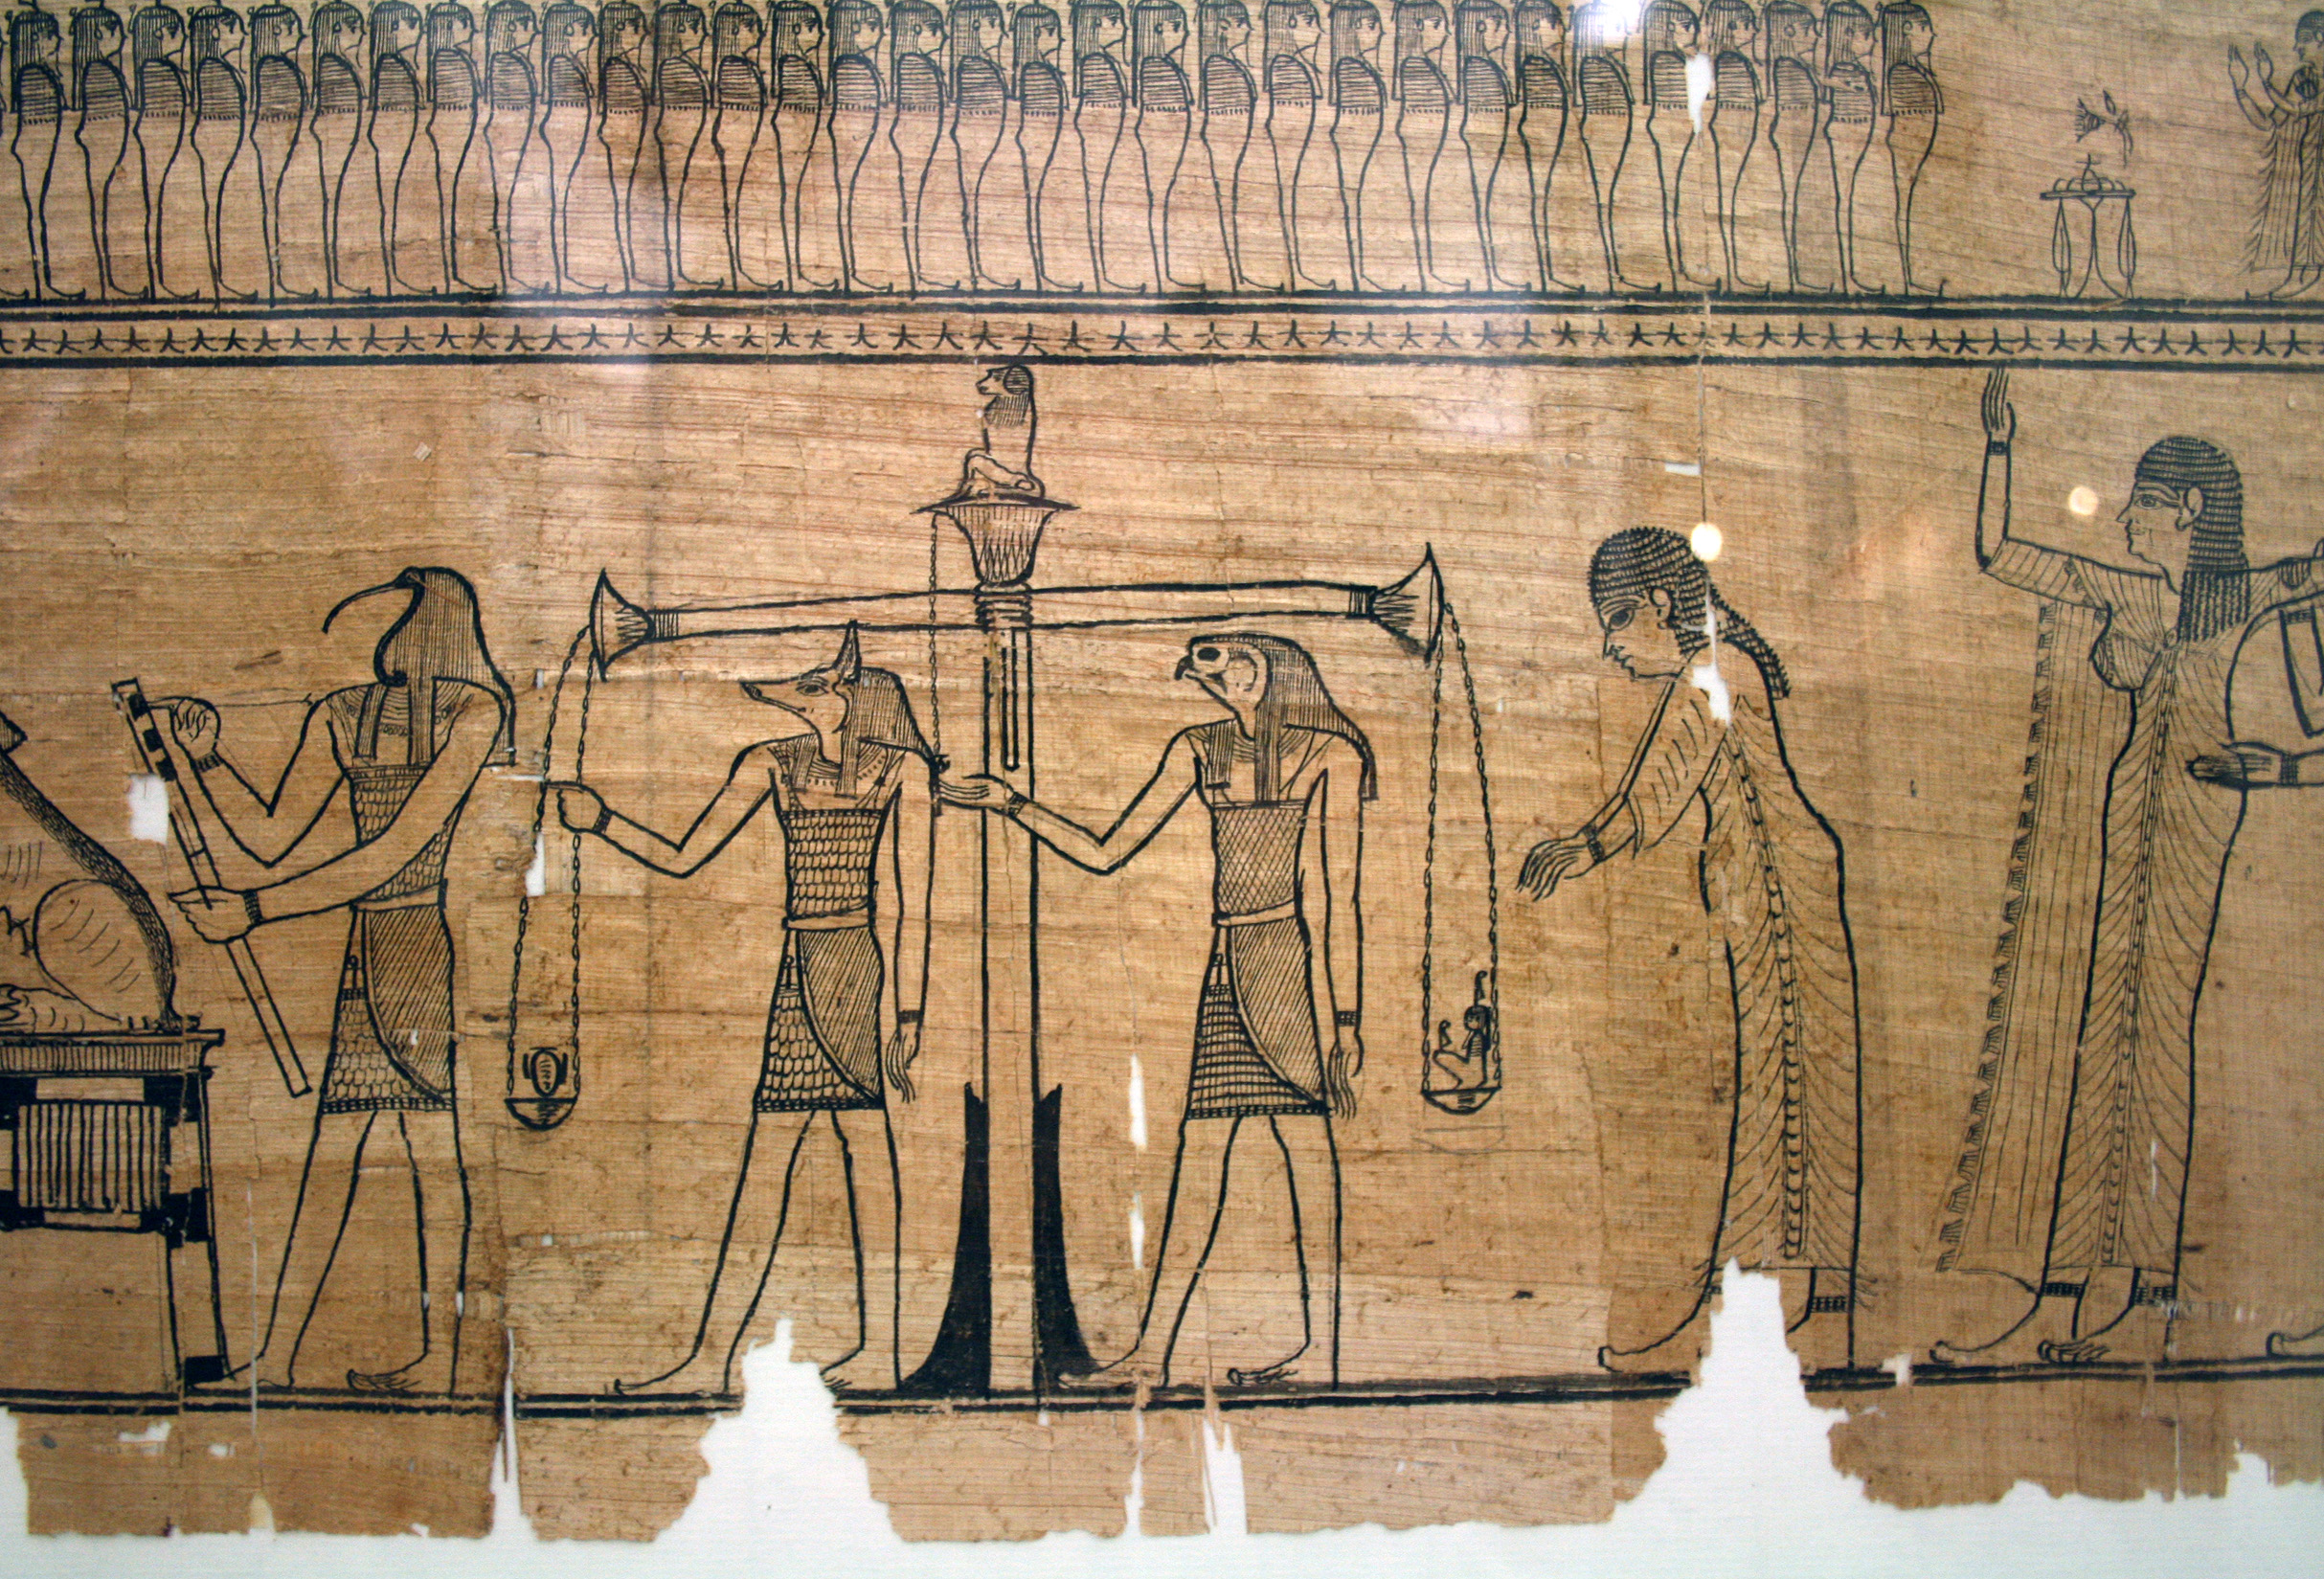 Reu nu pert em hru — Capítulos do Sair à Luz (Livro dos Mortos) Sesostris'_boook_of_the_dead,_Papyrusmuseum_Wien